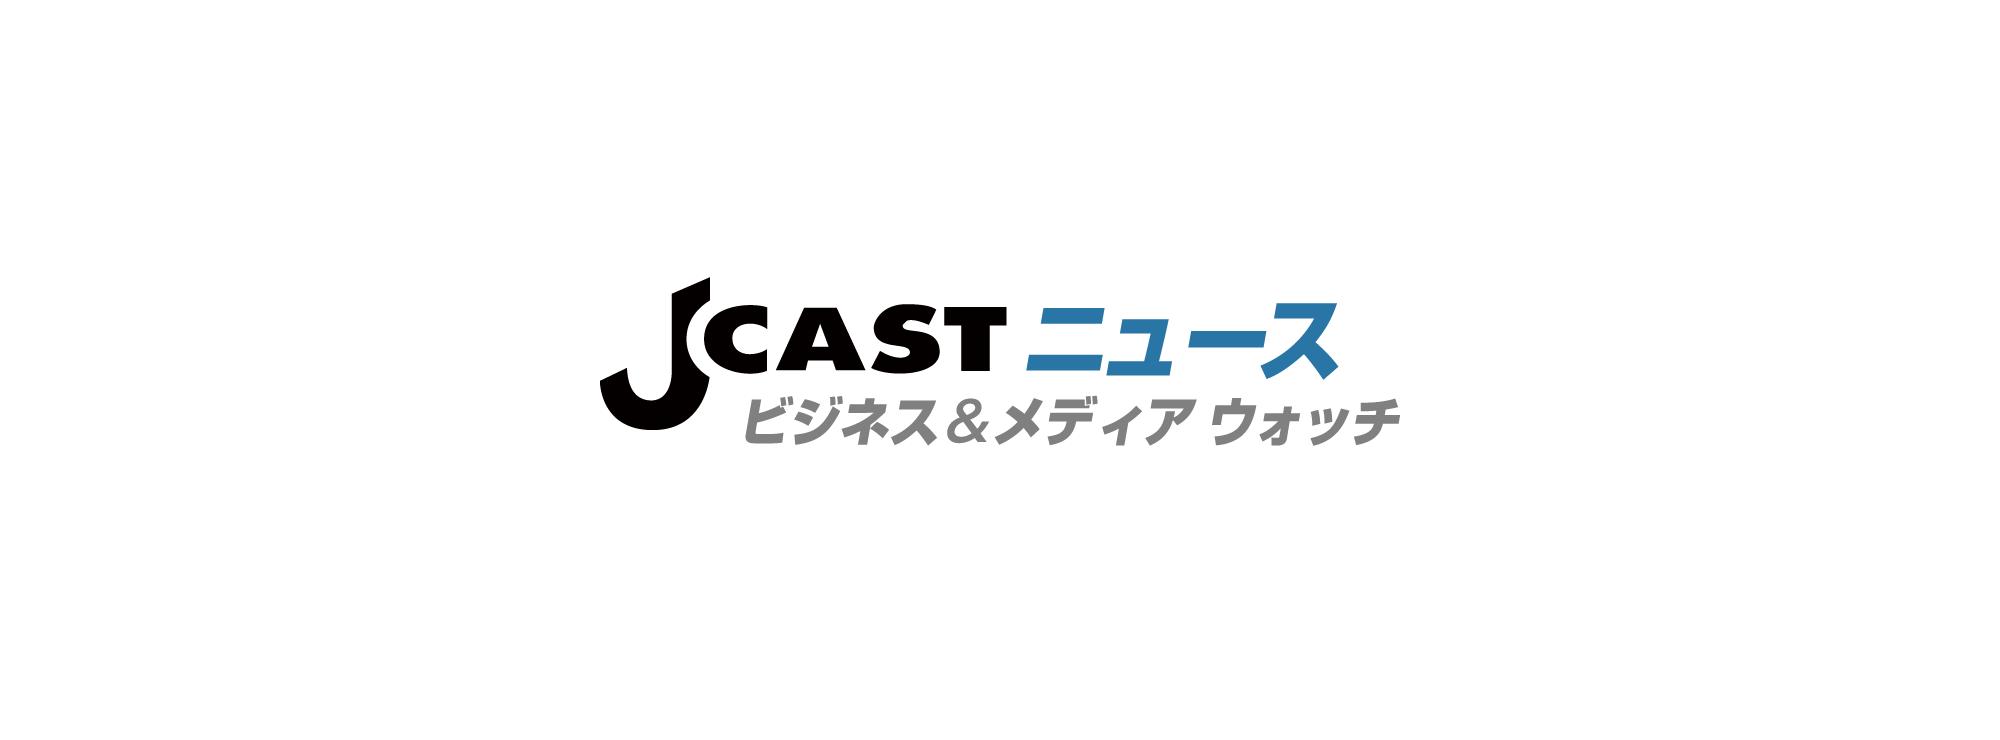 10年ぶり公開のキリスト「聖骸布」本物?スタジオで謎解き : J-CASTテレビウォッチ